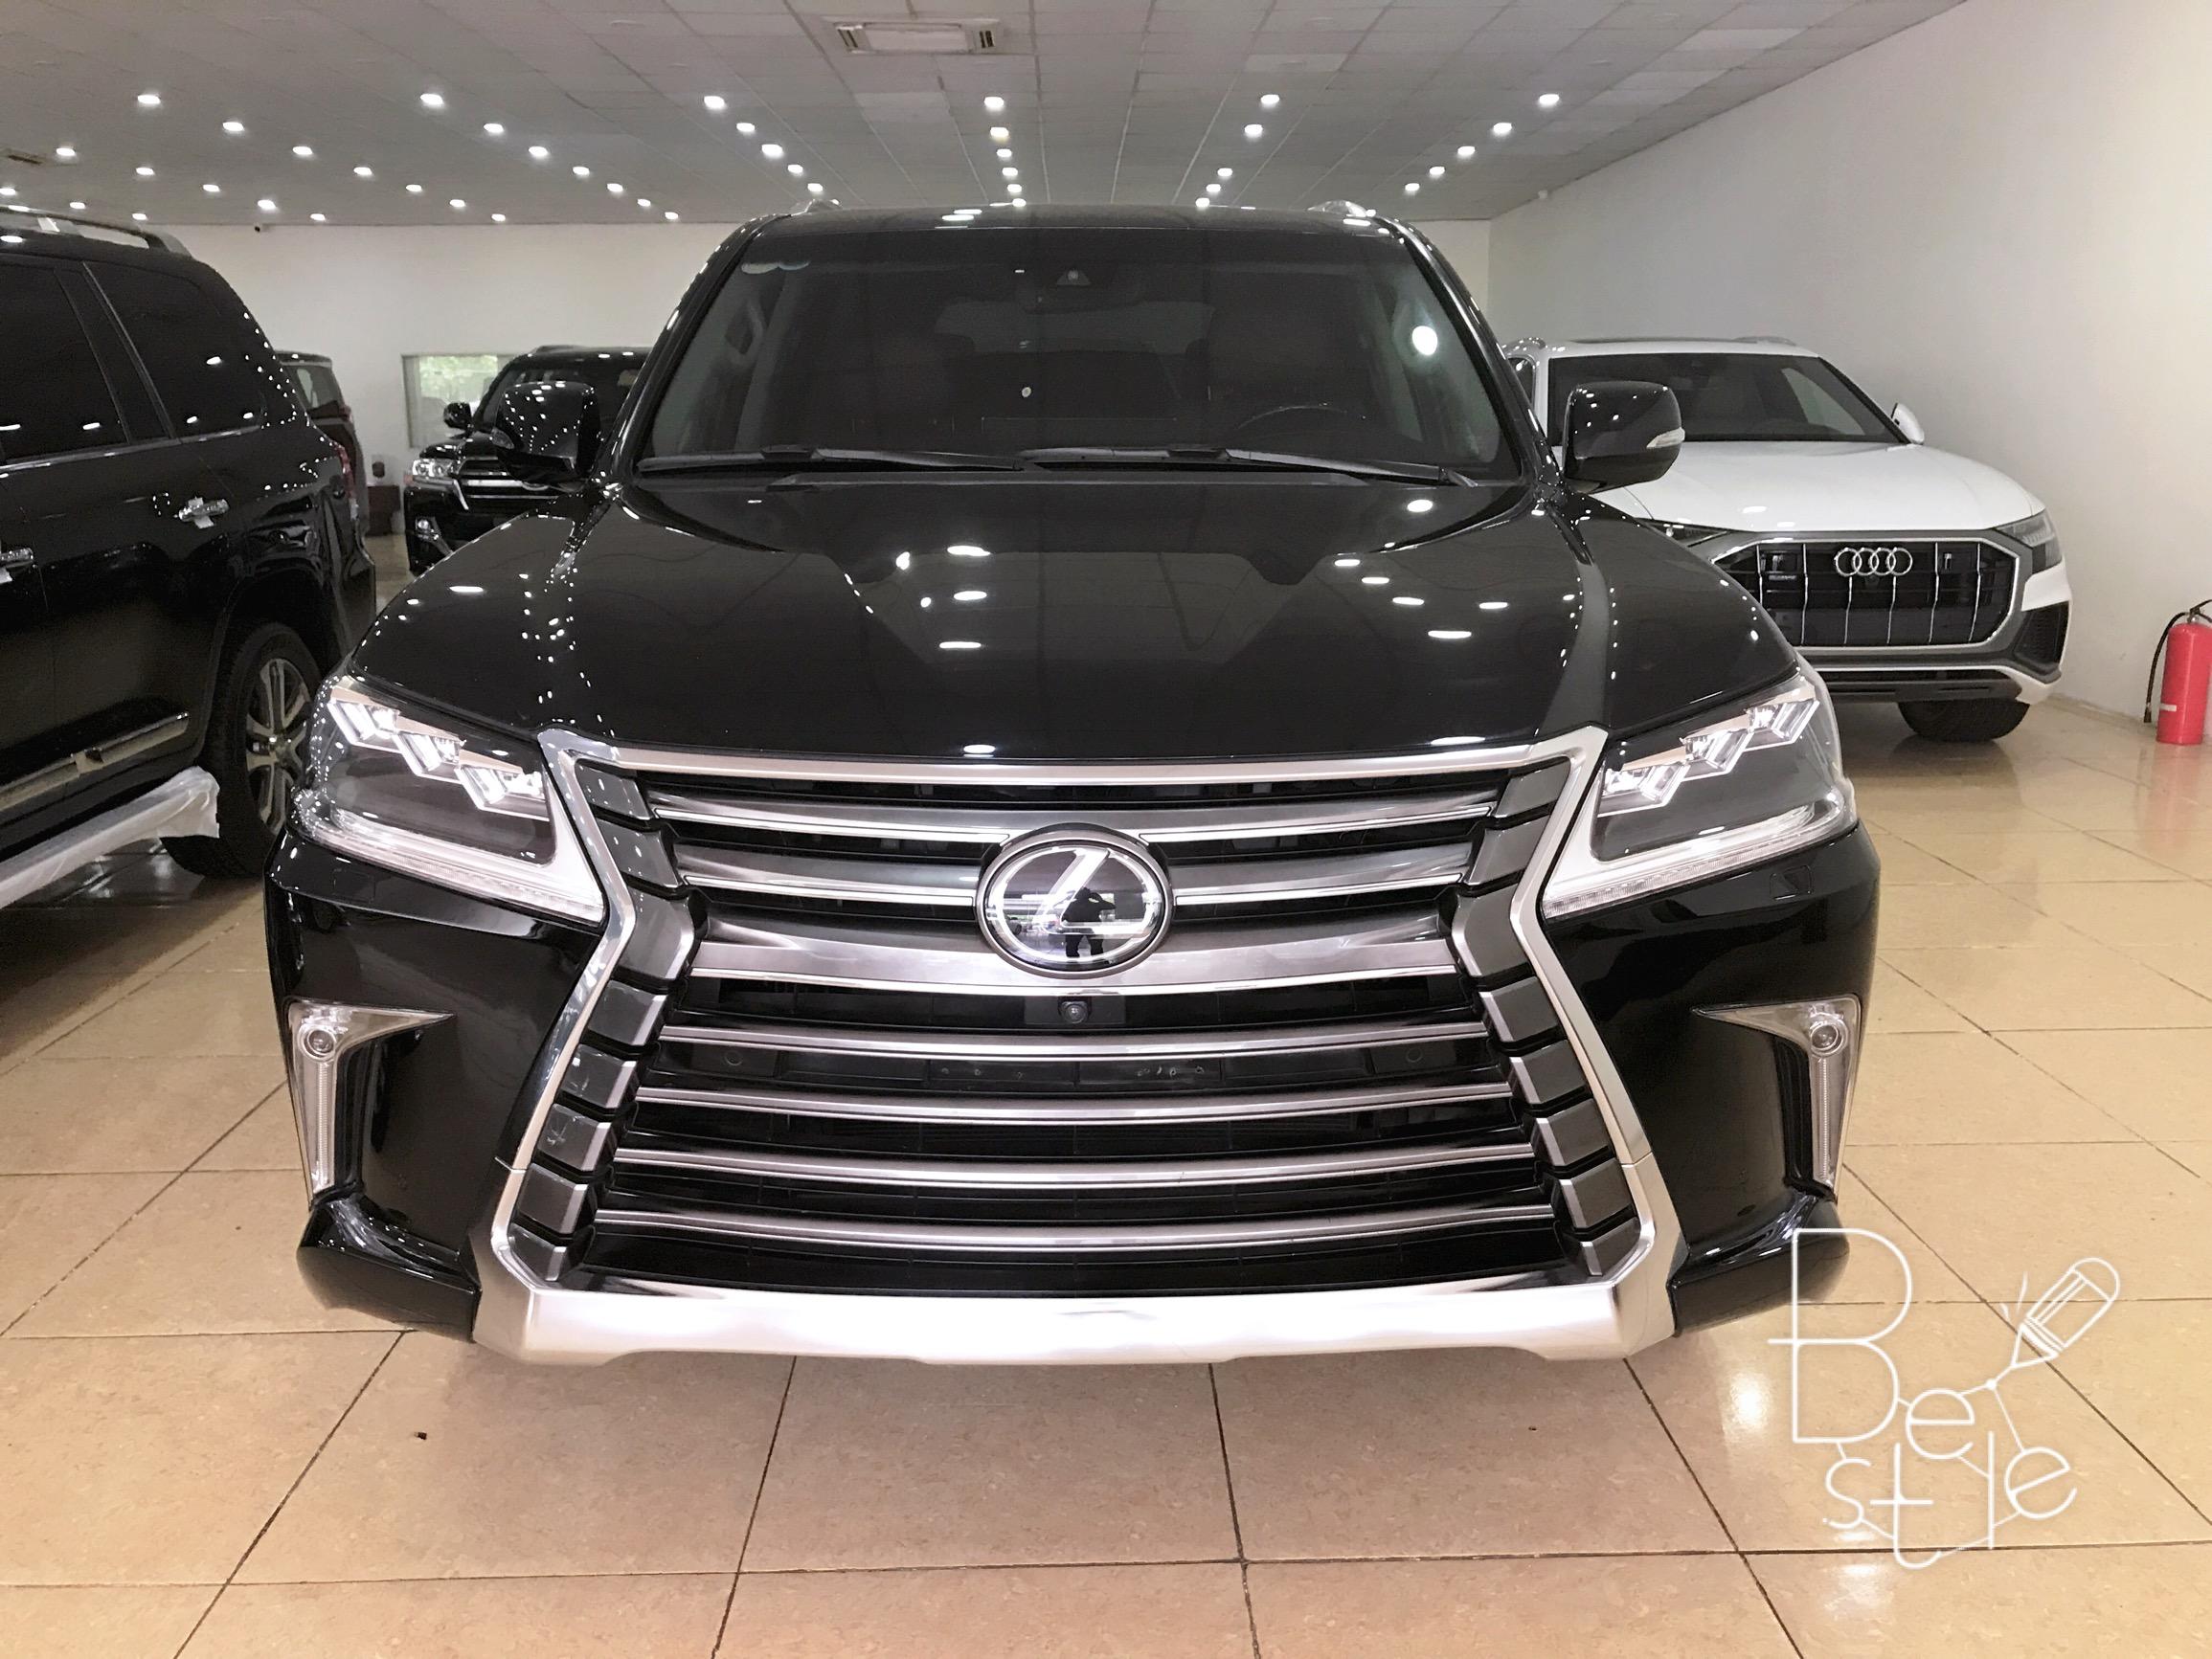 Bán Lexus LX570 nhập Mỹ,Full option,đăng ký 2016,xe siêu mới . 0